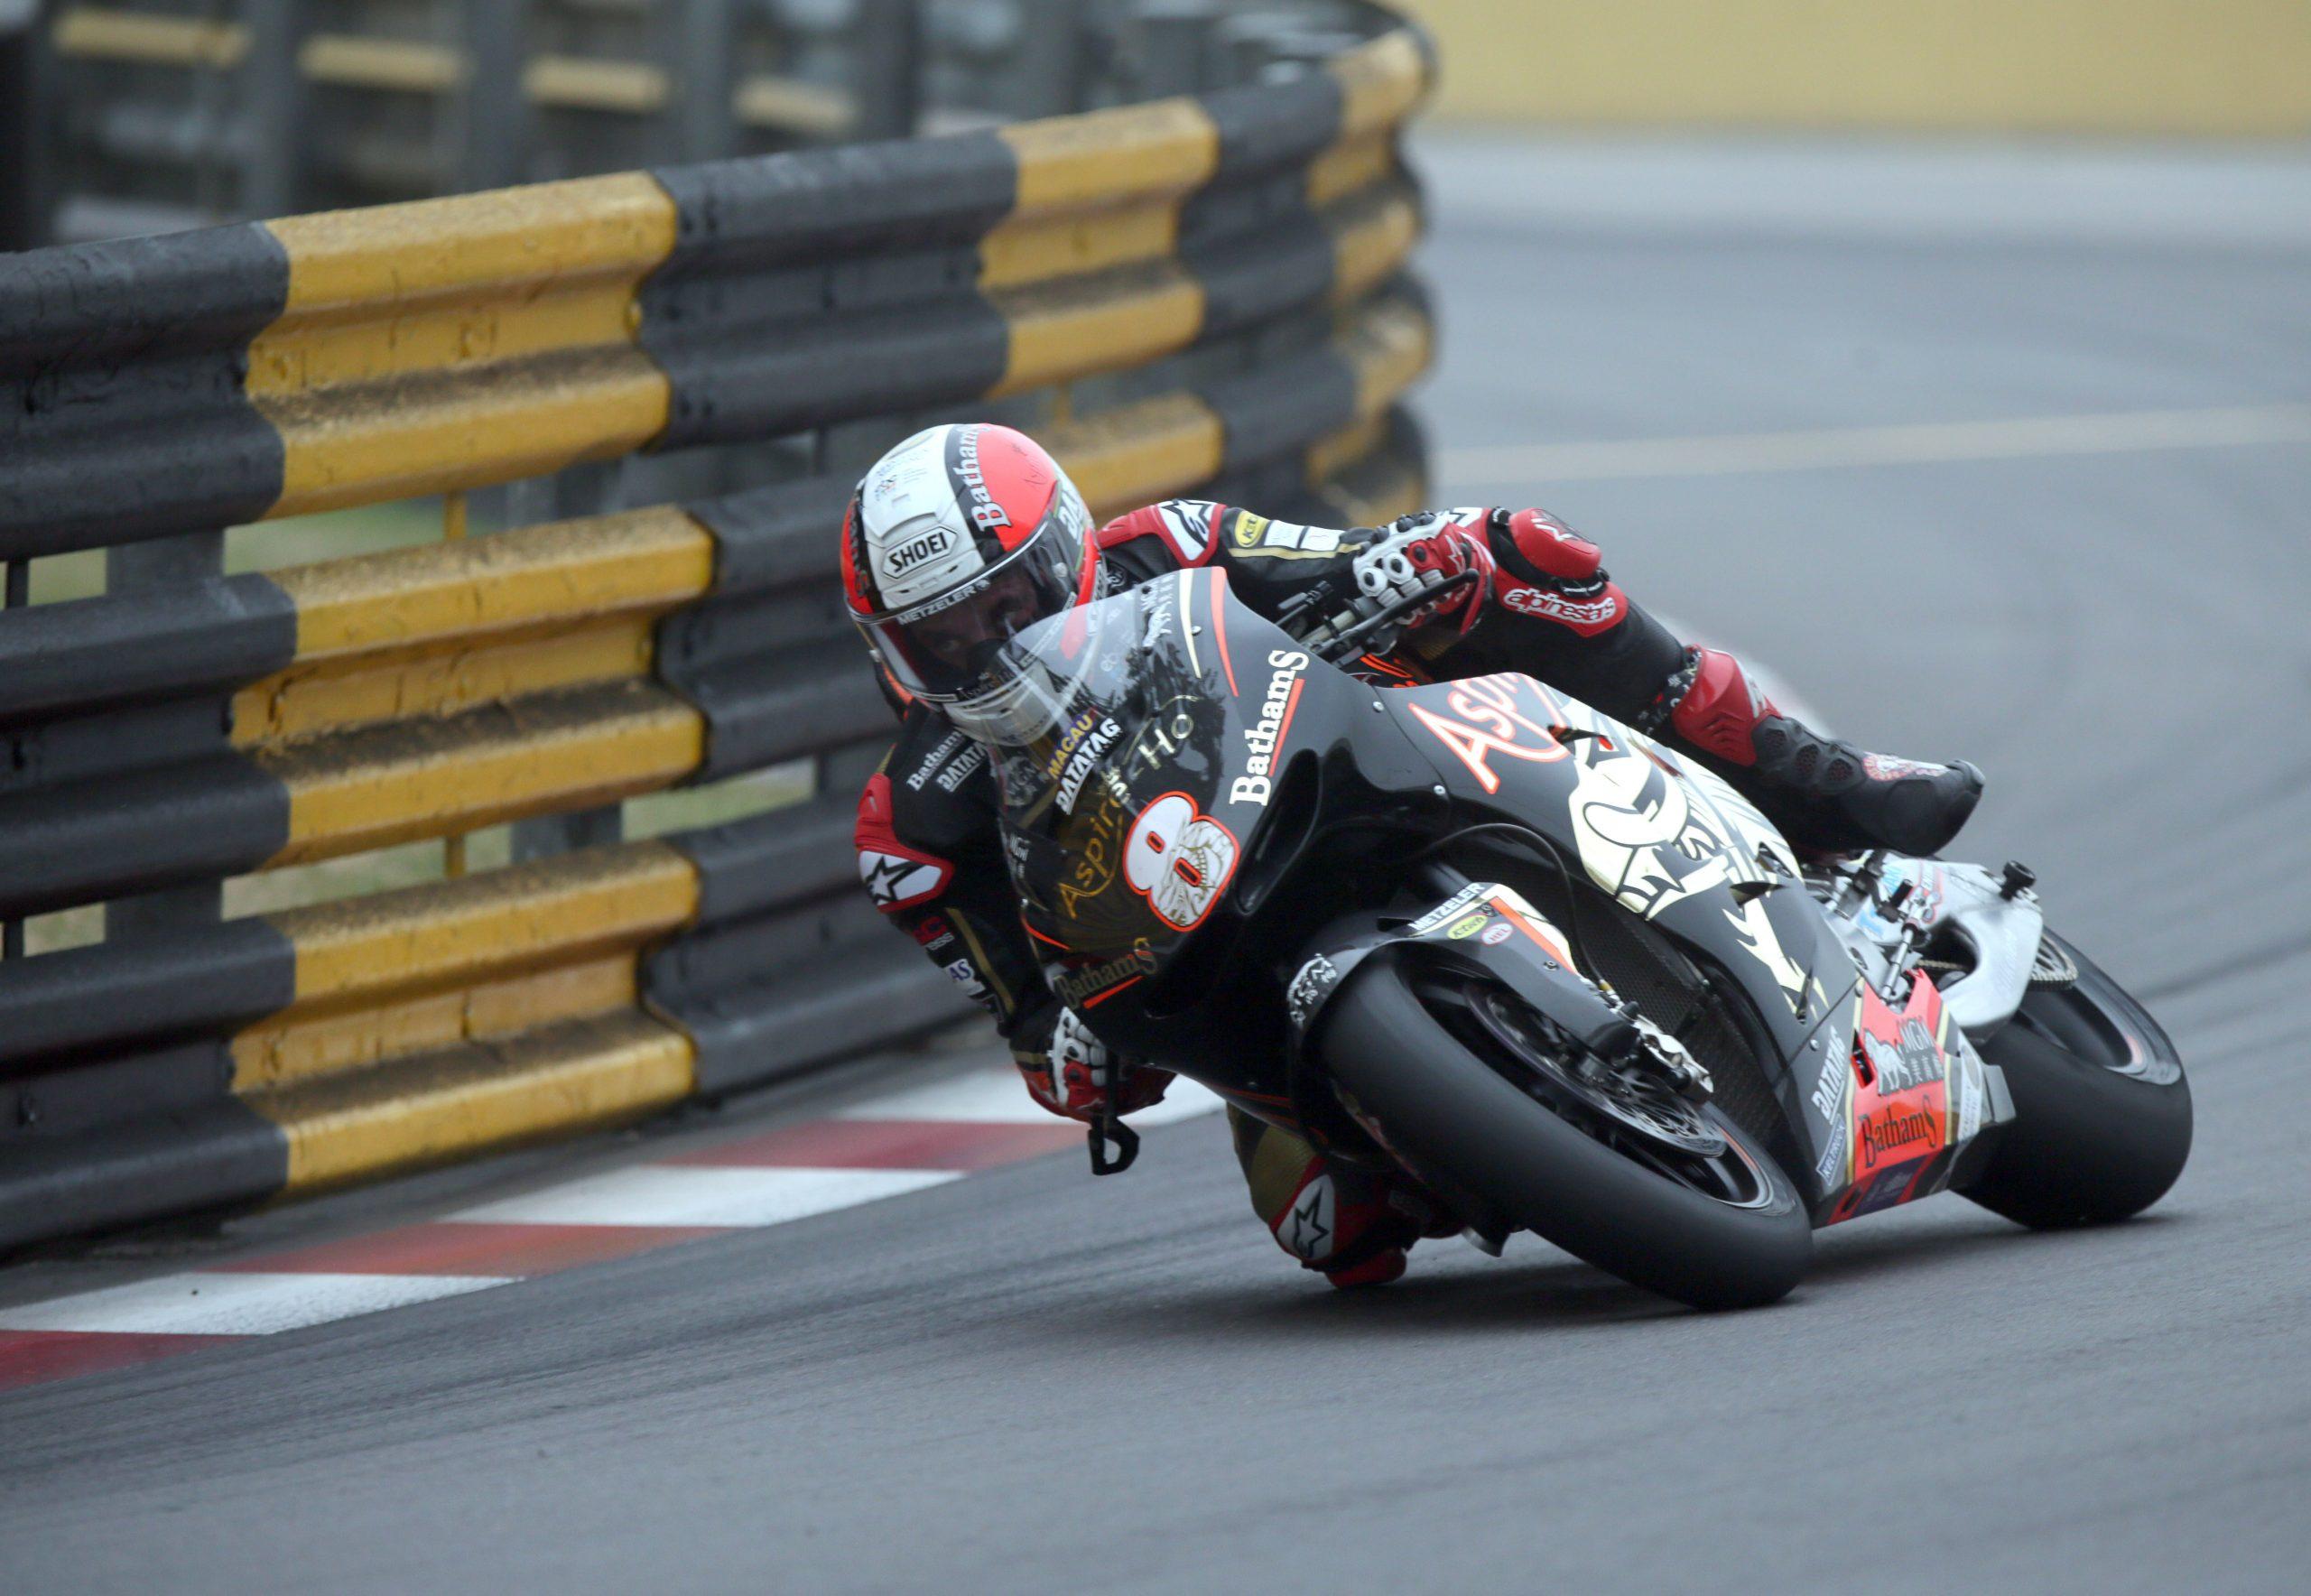 Michael Rutter racing at 2018 Macau GP